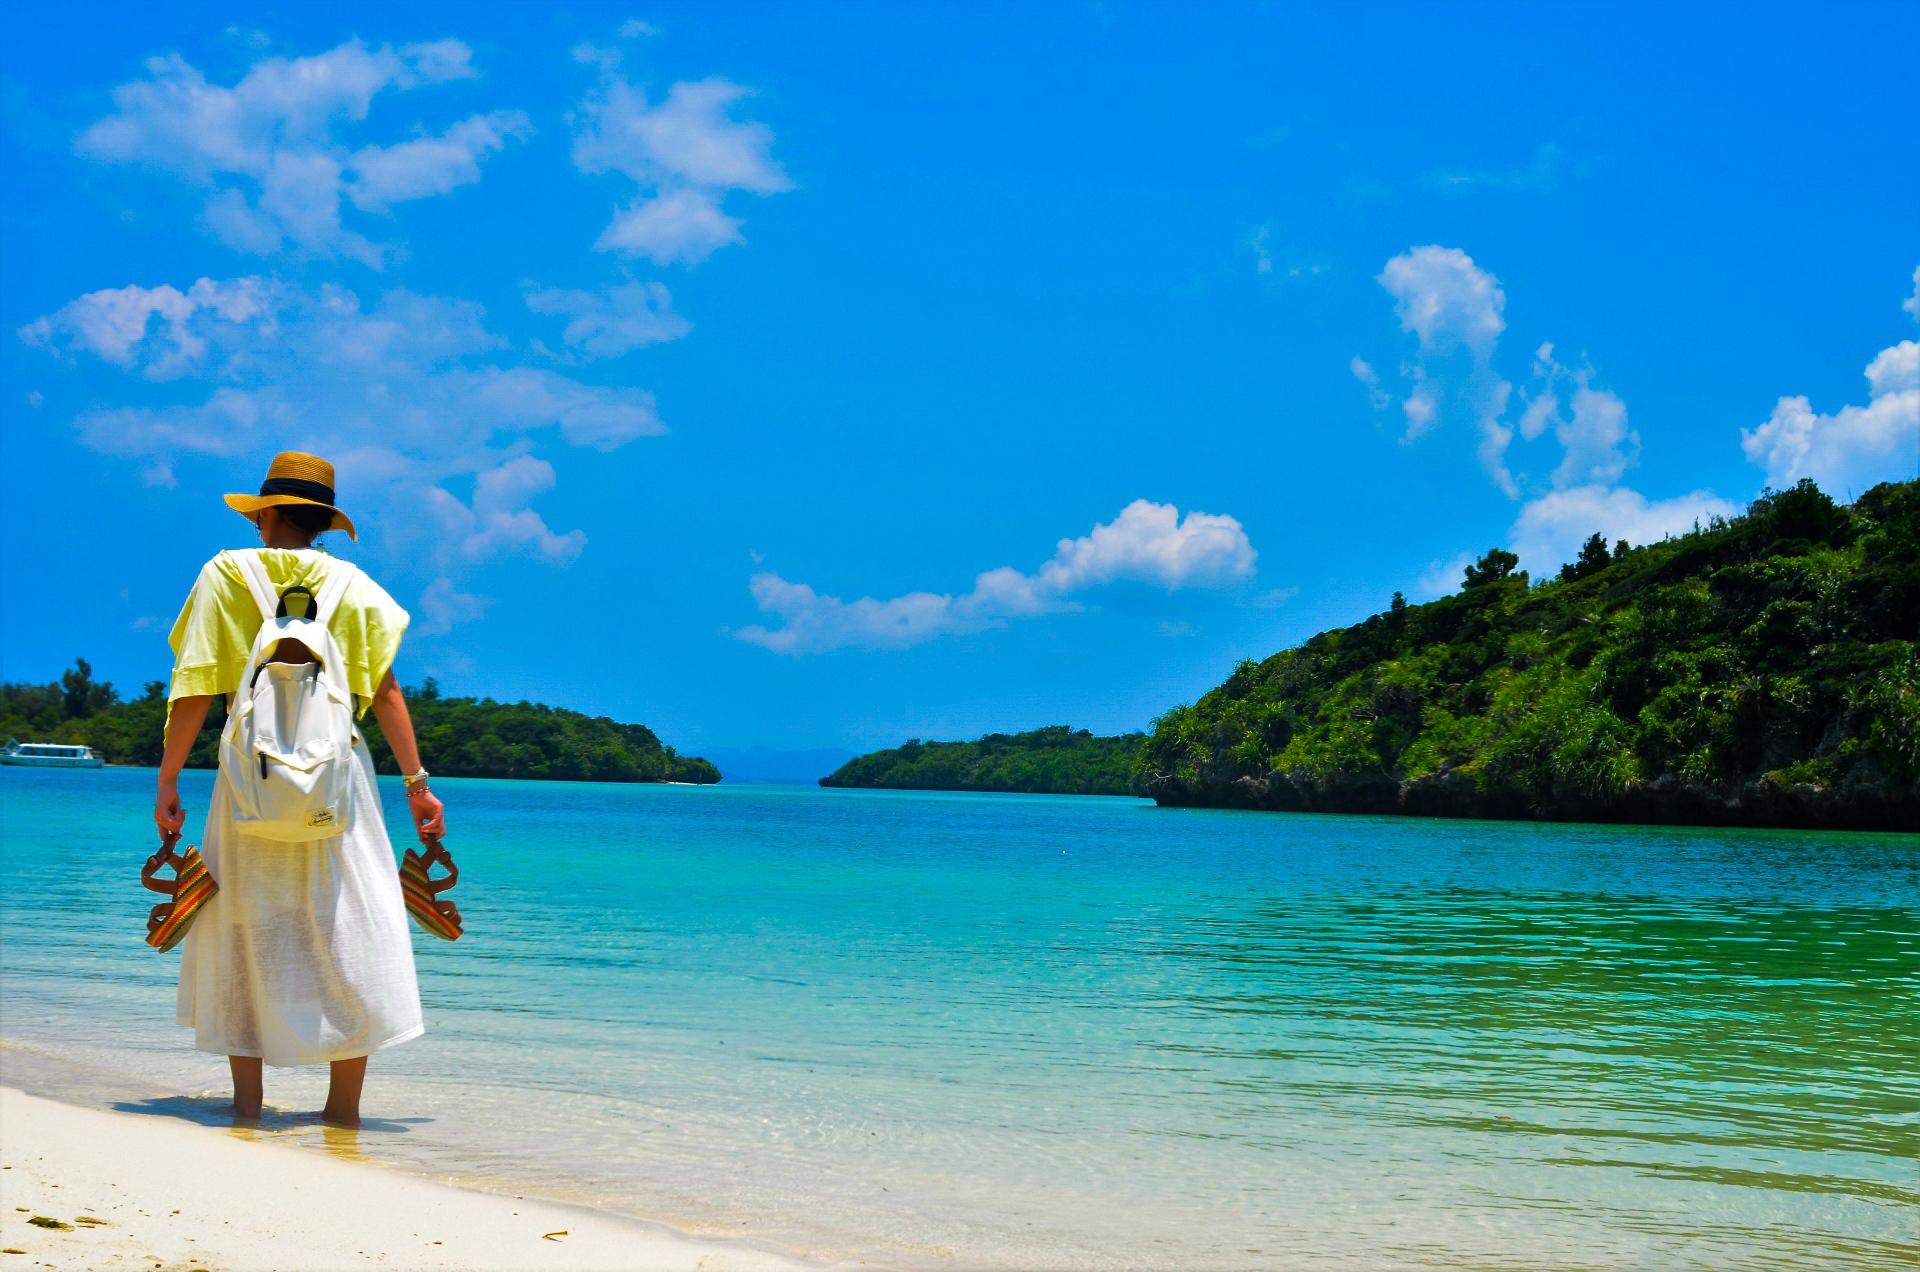 川平湾のビーチを散策する女性